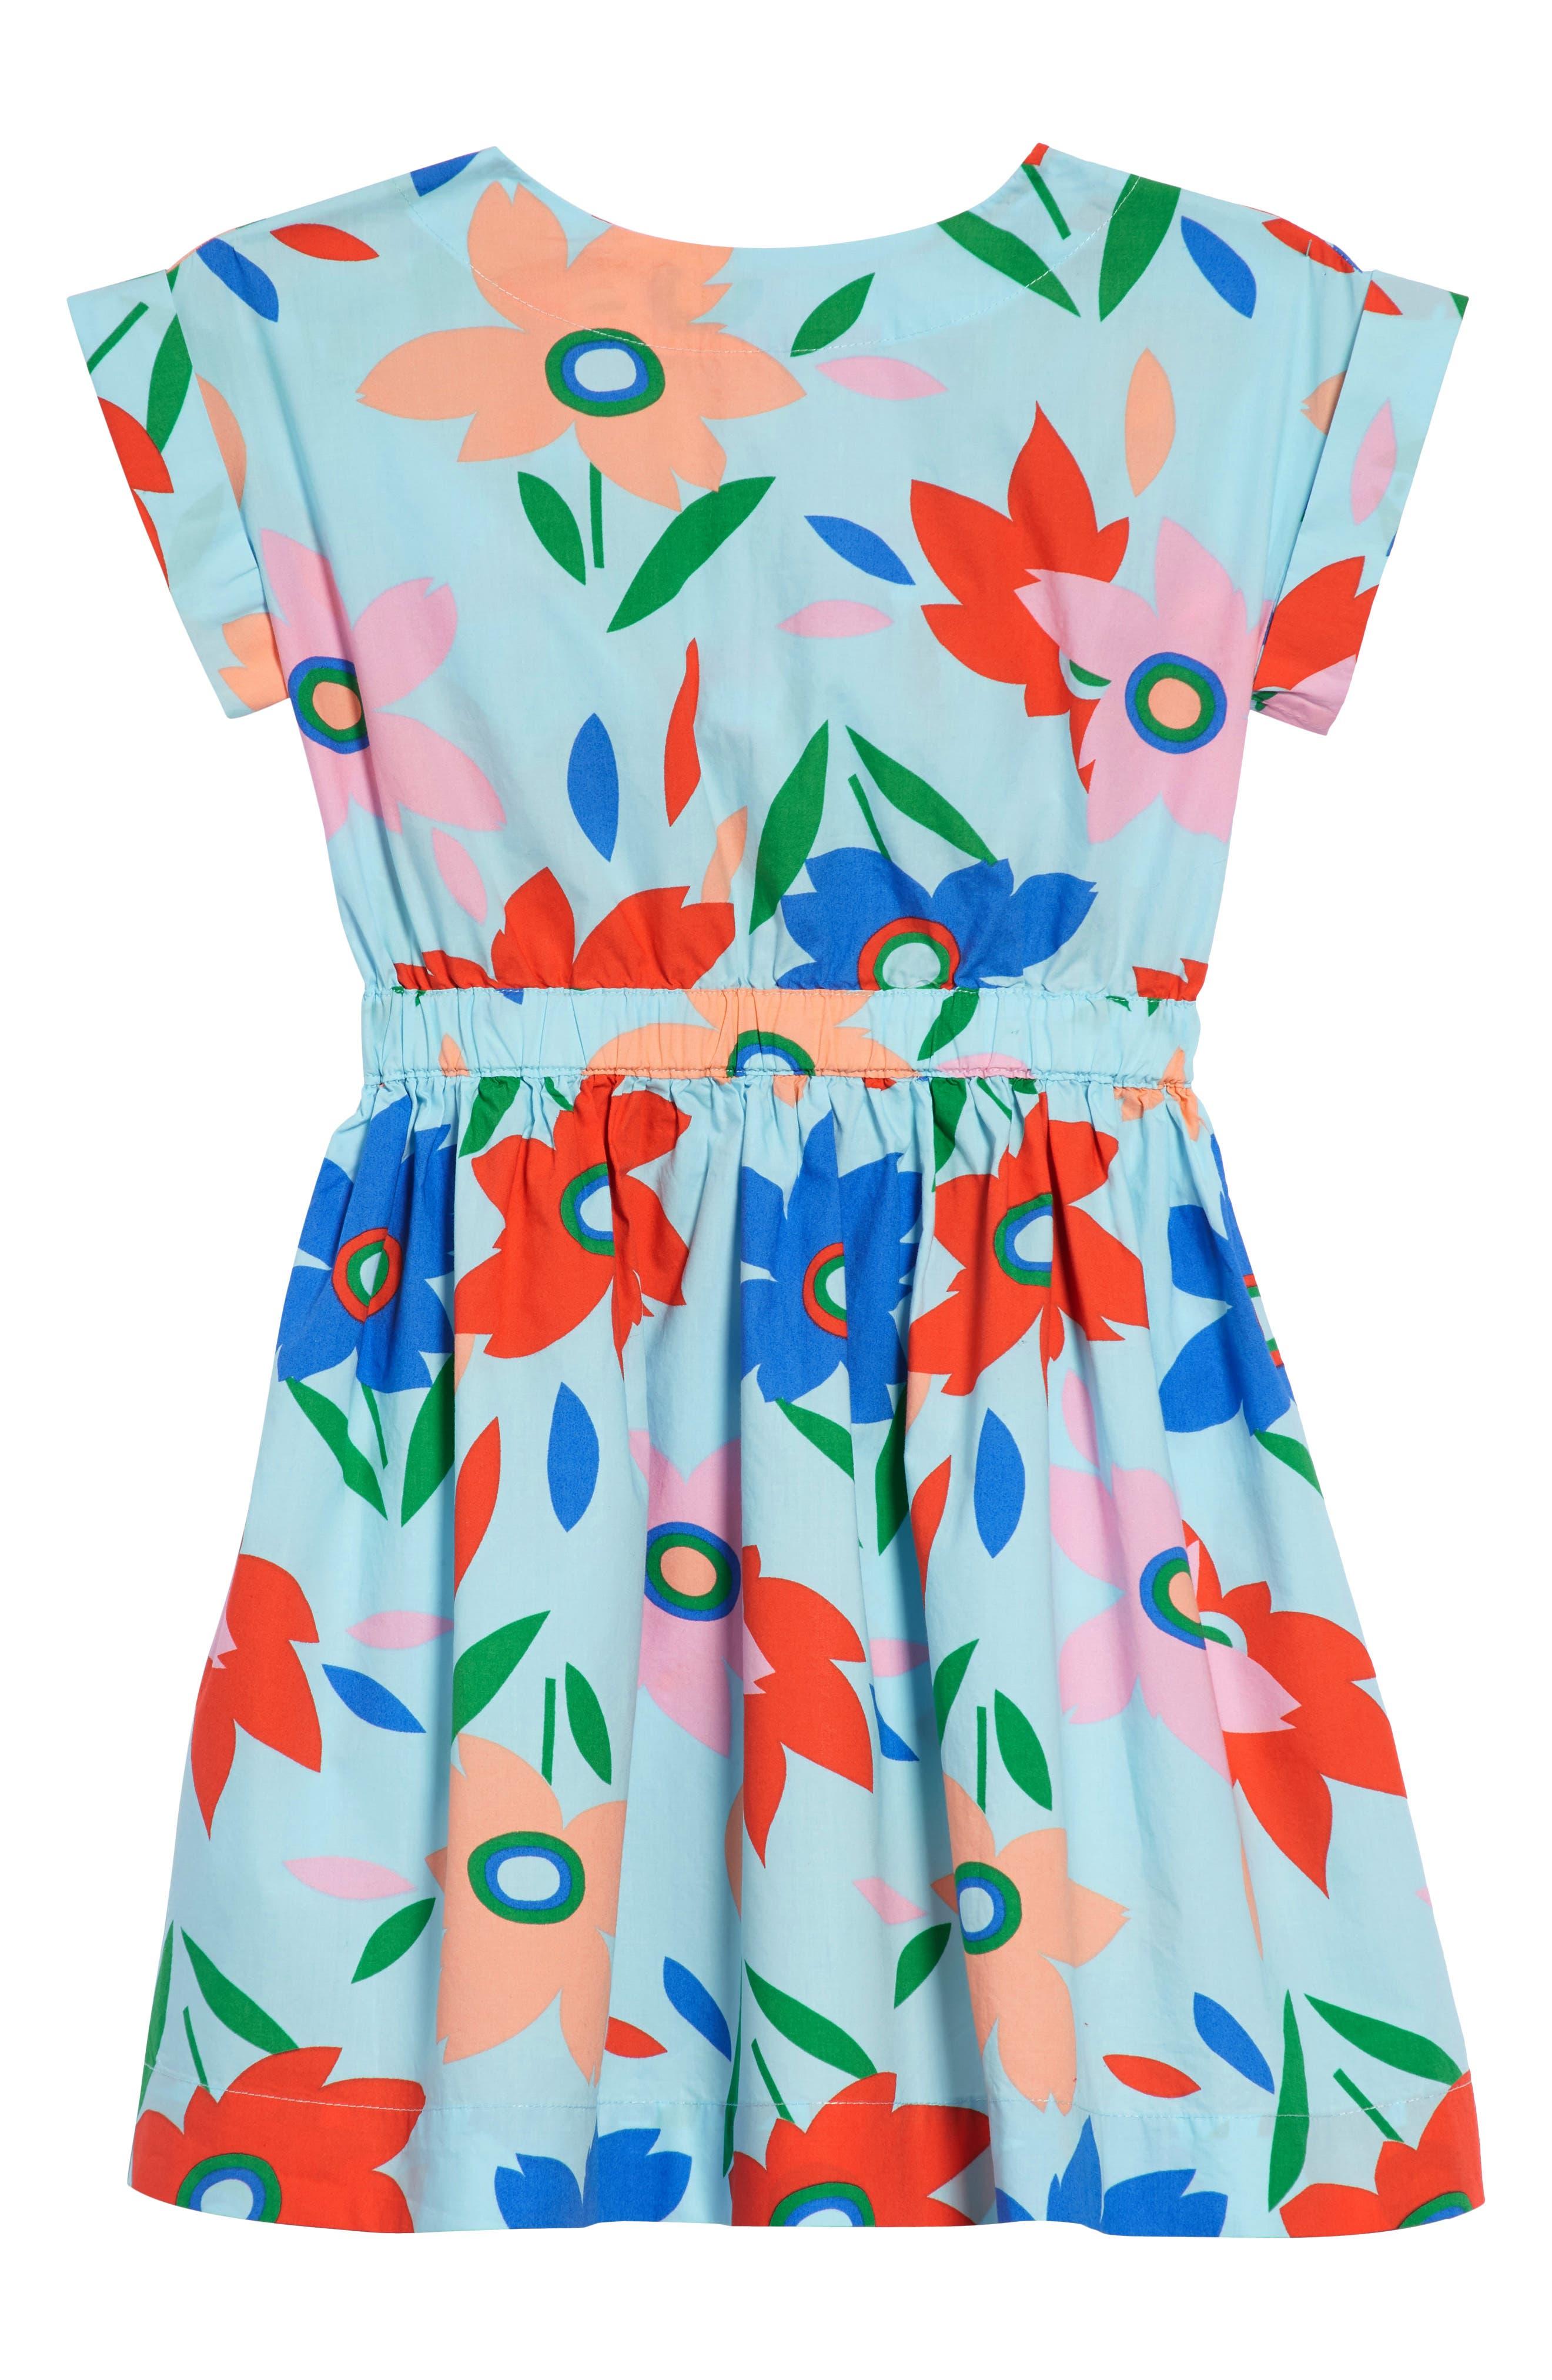 Pia Floral Dress,                             Main thumbnail 1, color,                             SOFT AQUA WQ5310